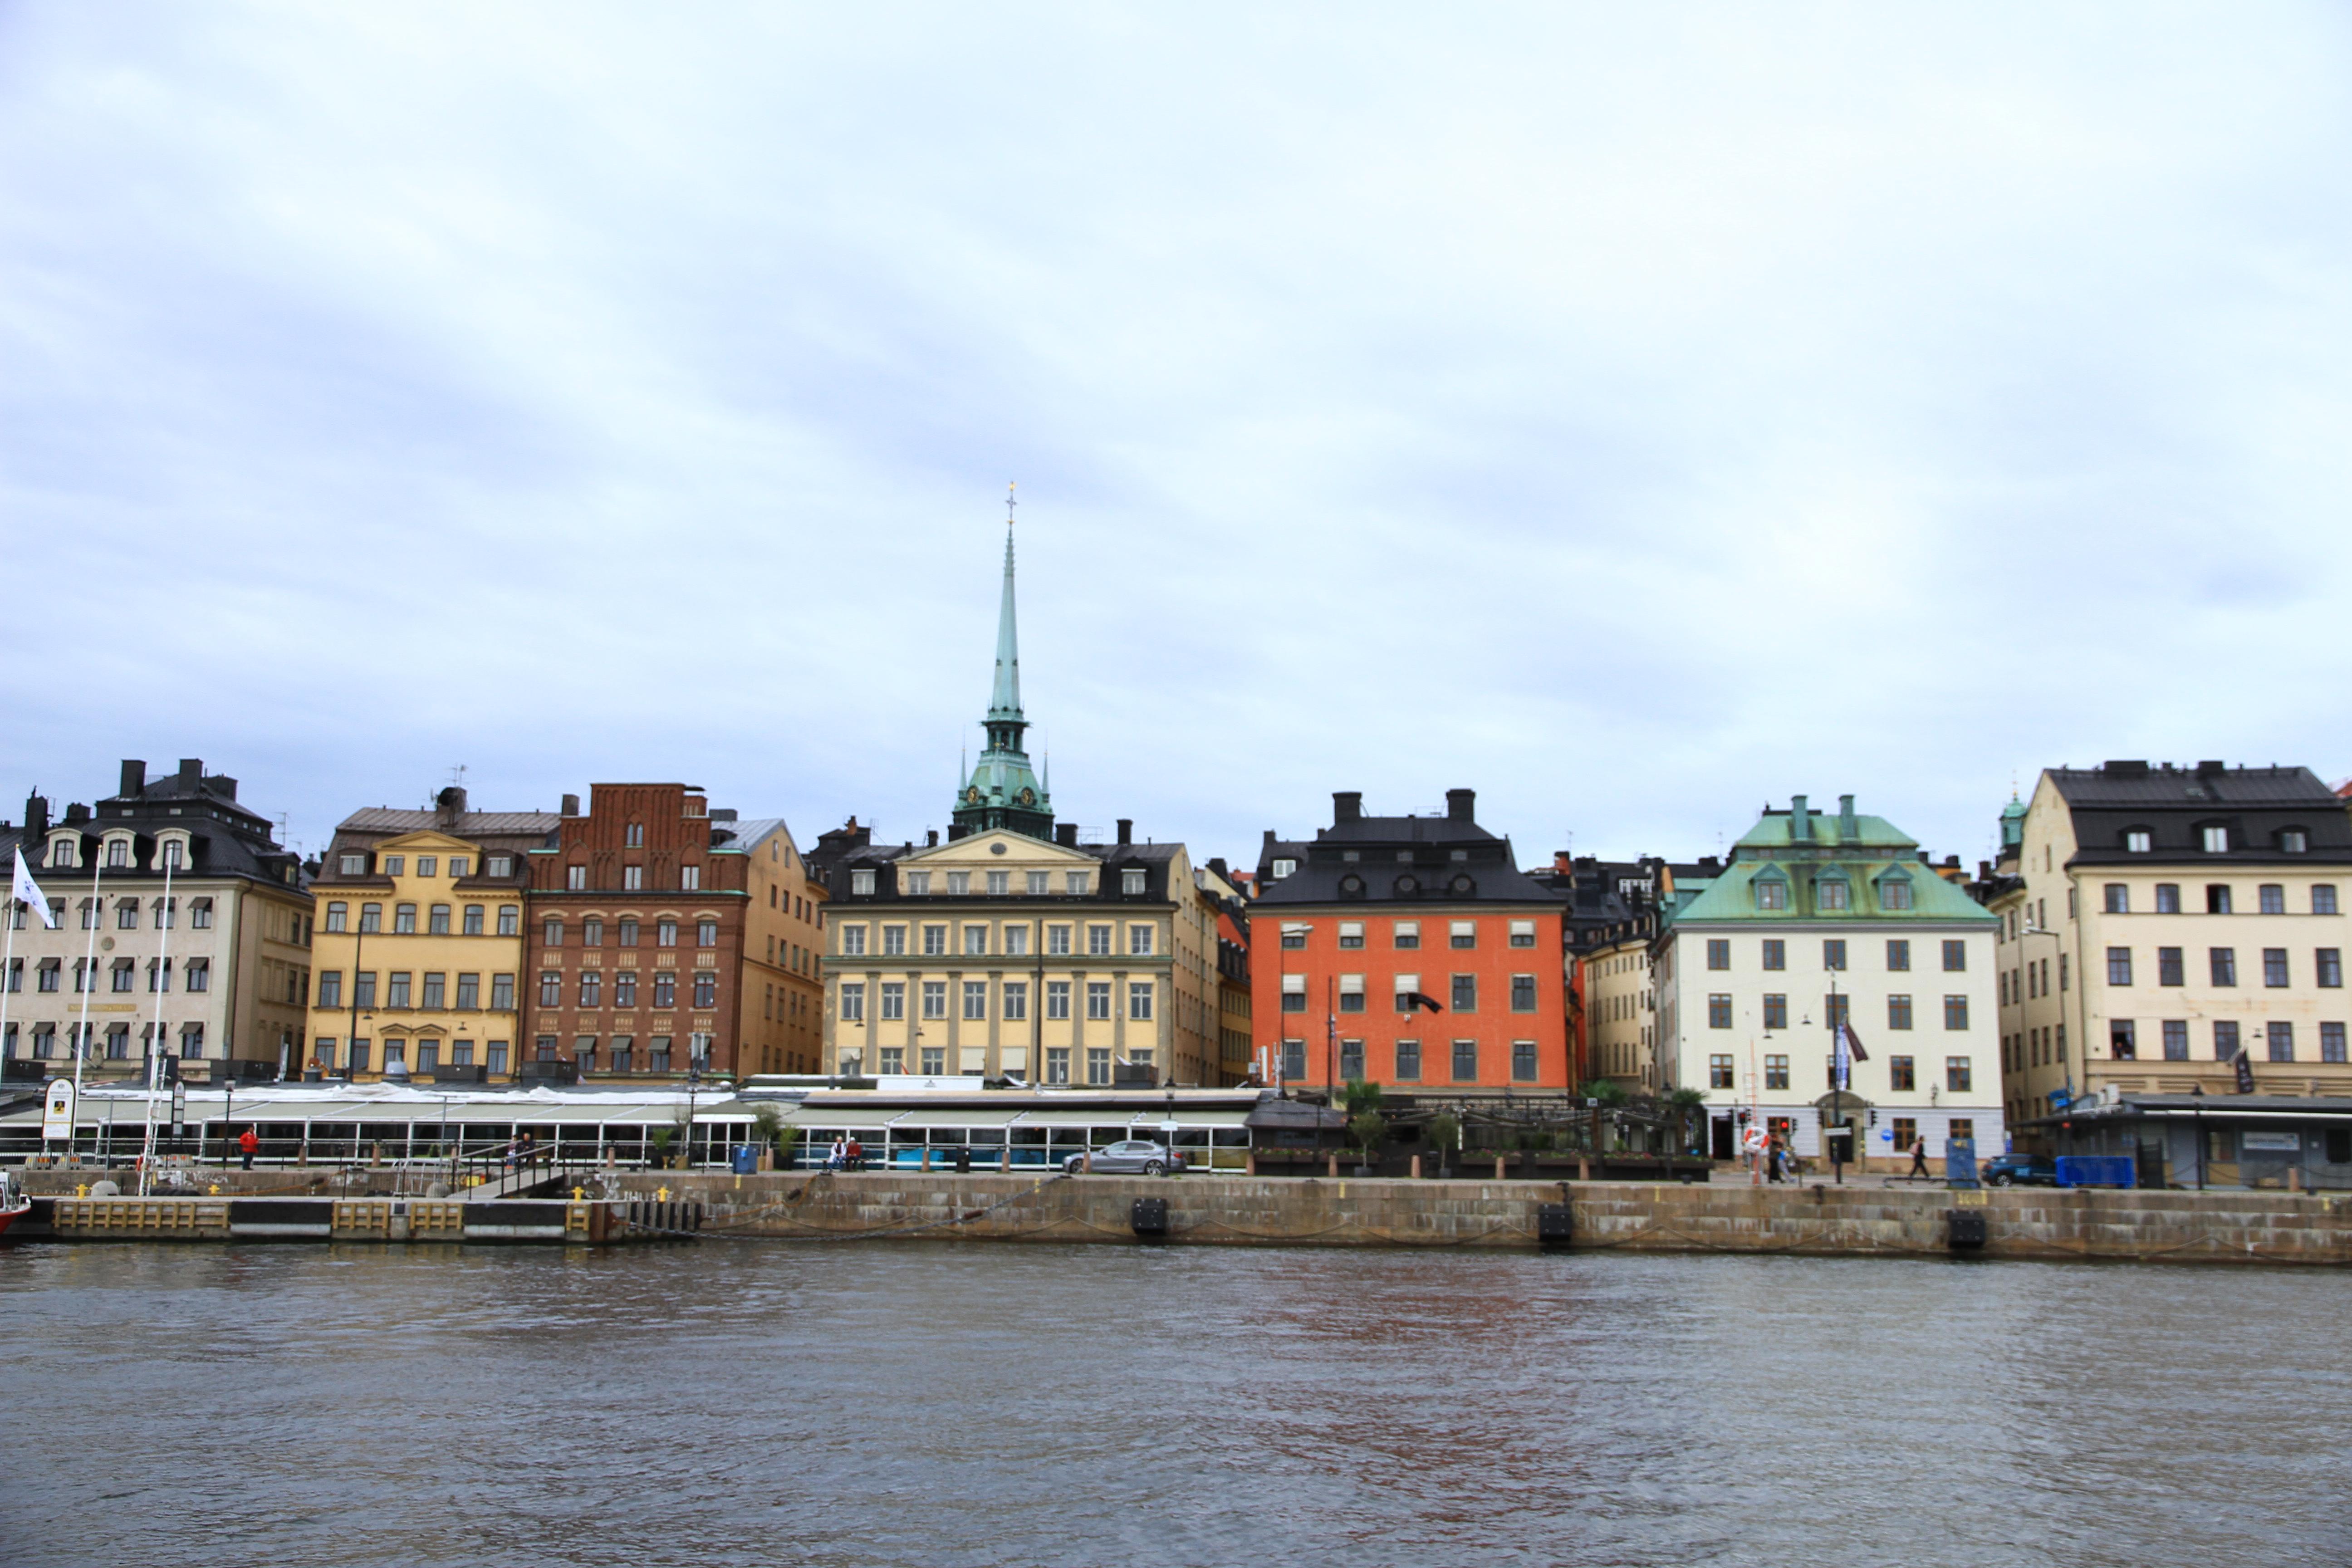 129、瑞典哥德堡:位于卡特加特海峡,一座风光秀丽的海港城市